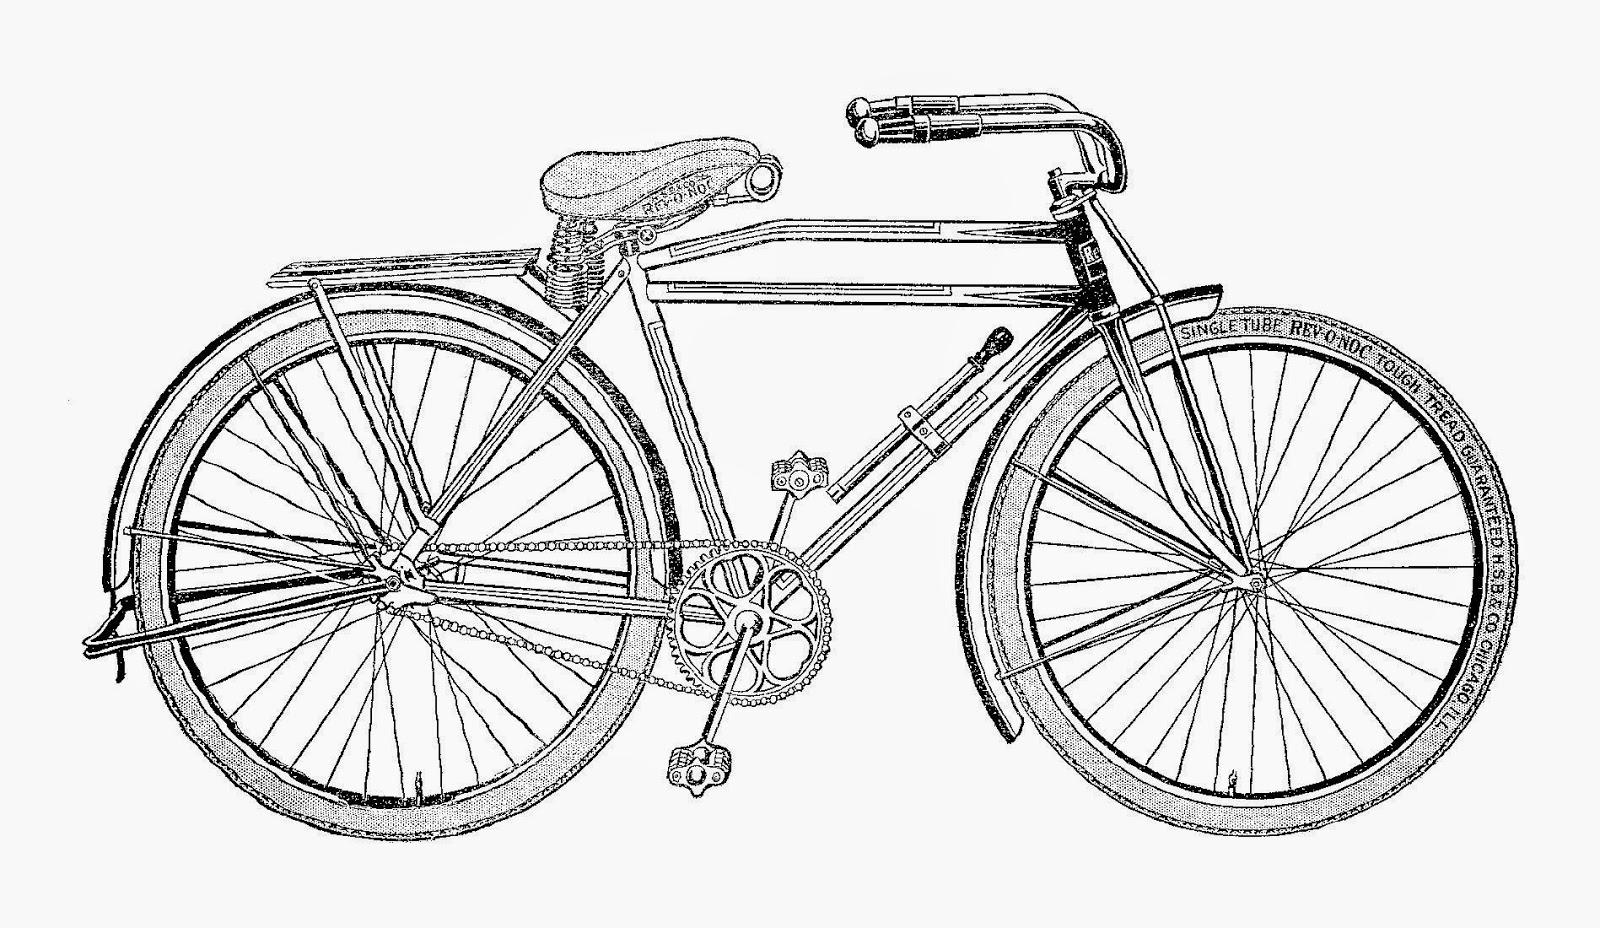 http://2.bp.blogspot.com/-l9Jclnn2wLg/VQYdzIvE_kI/AAAAAAAAV1I/Sp4nICJMrTo/s1600/truss_fork_bike_1919_106.jpg